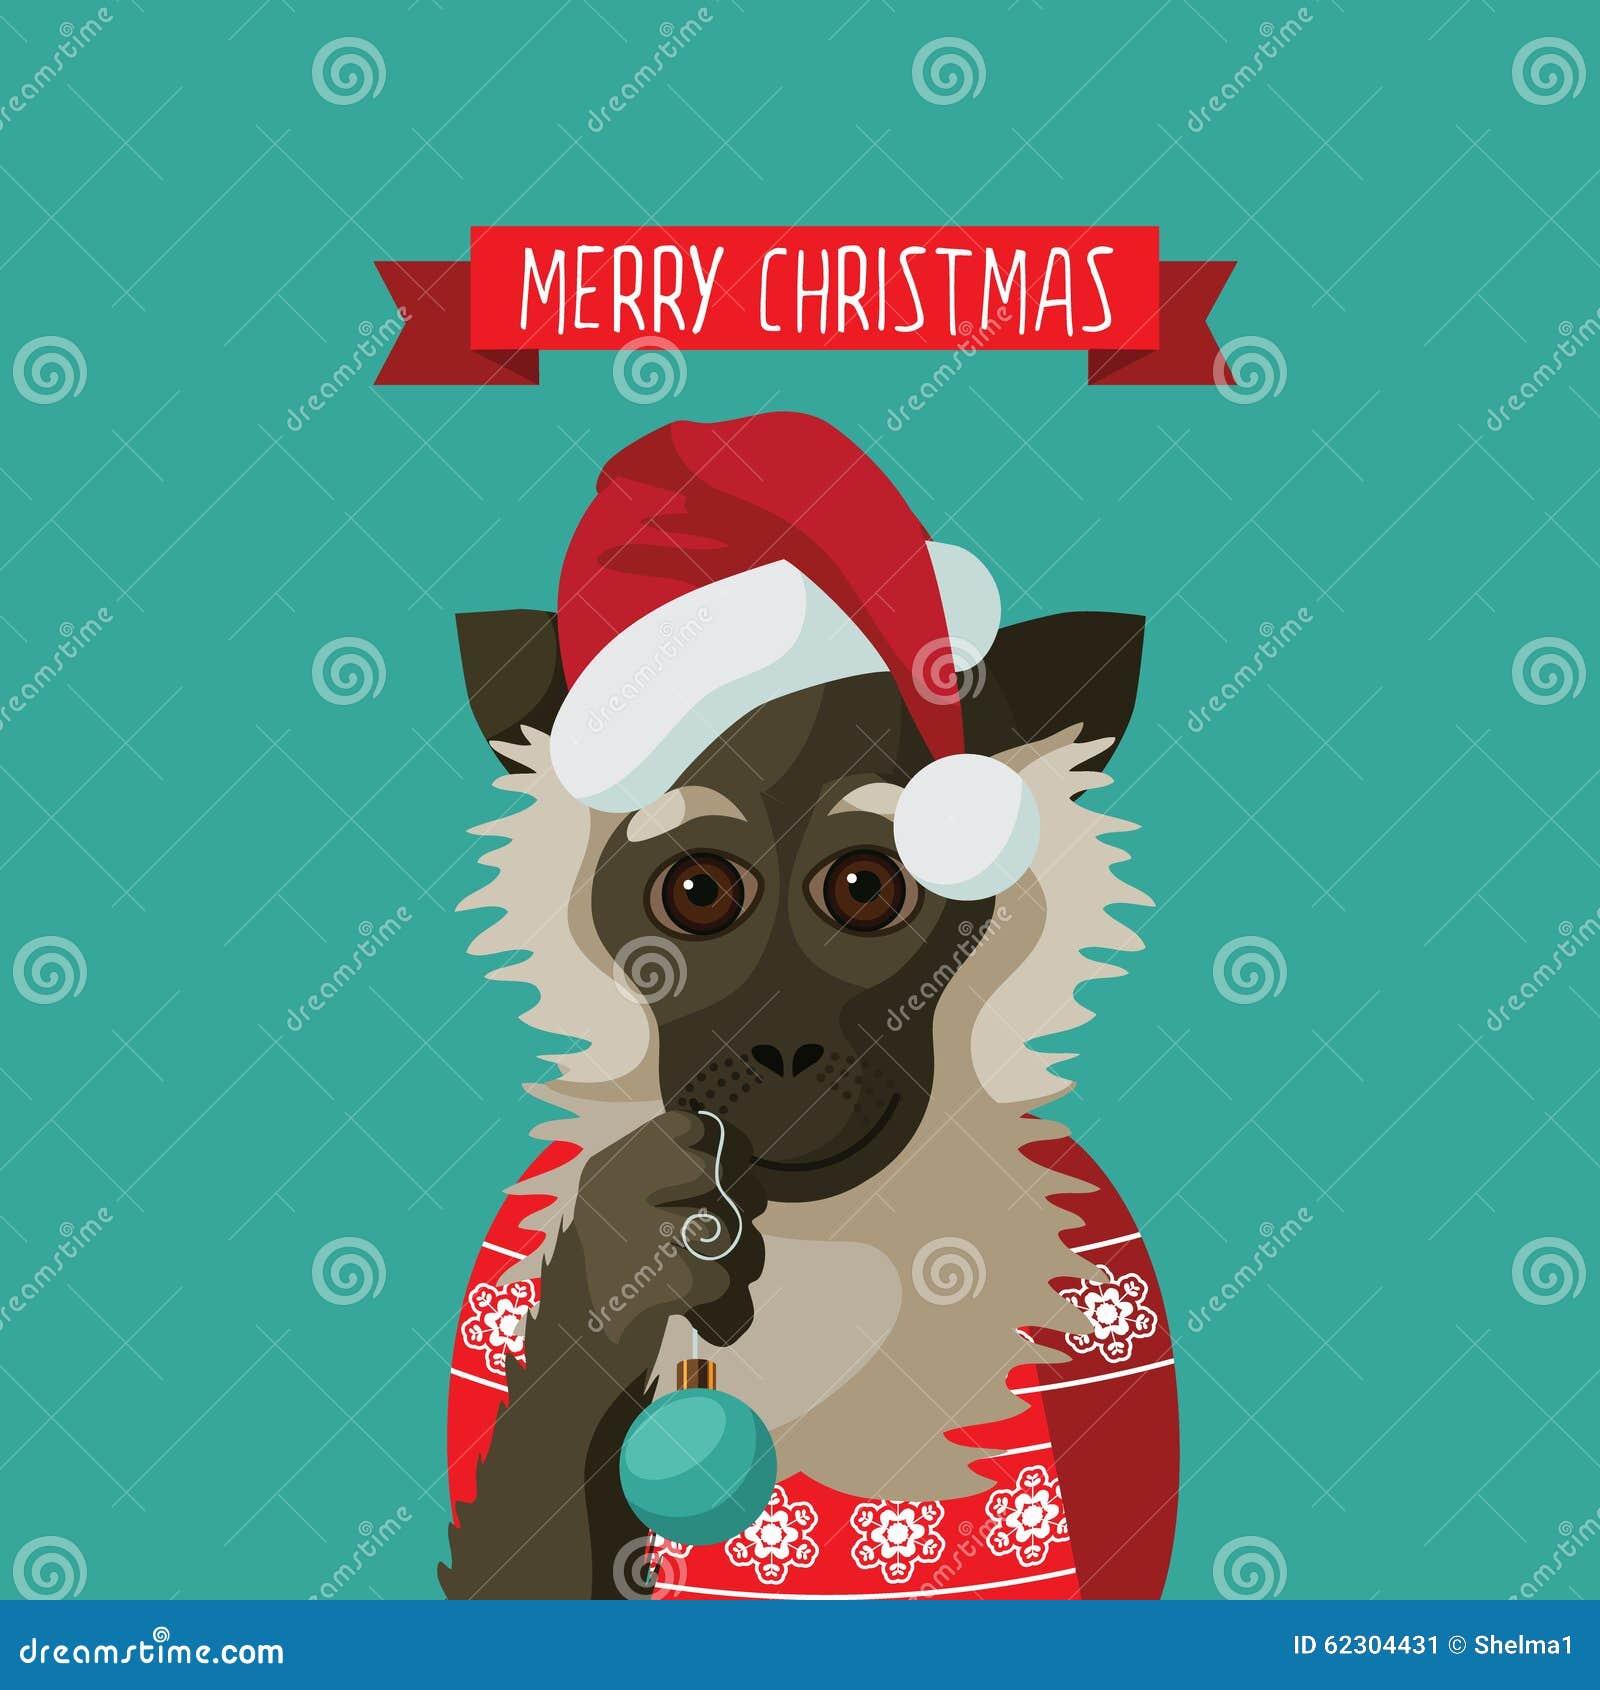 Χαρούμενα Χριστούγεννα που χαμογελά τον πίθηκο κινούμενων σχεδίων